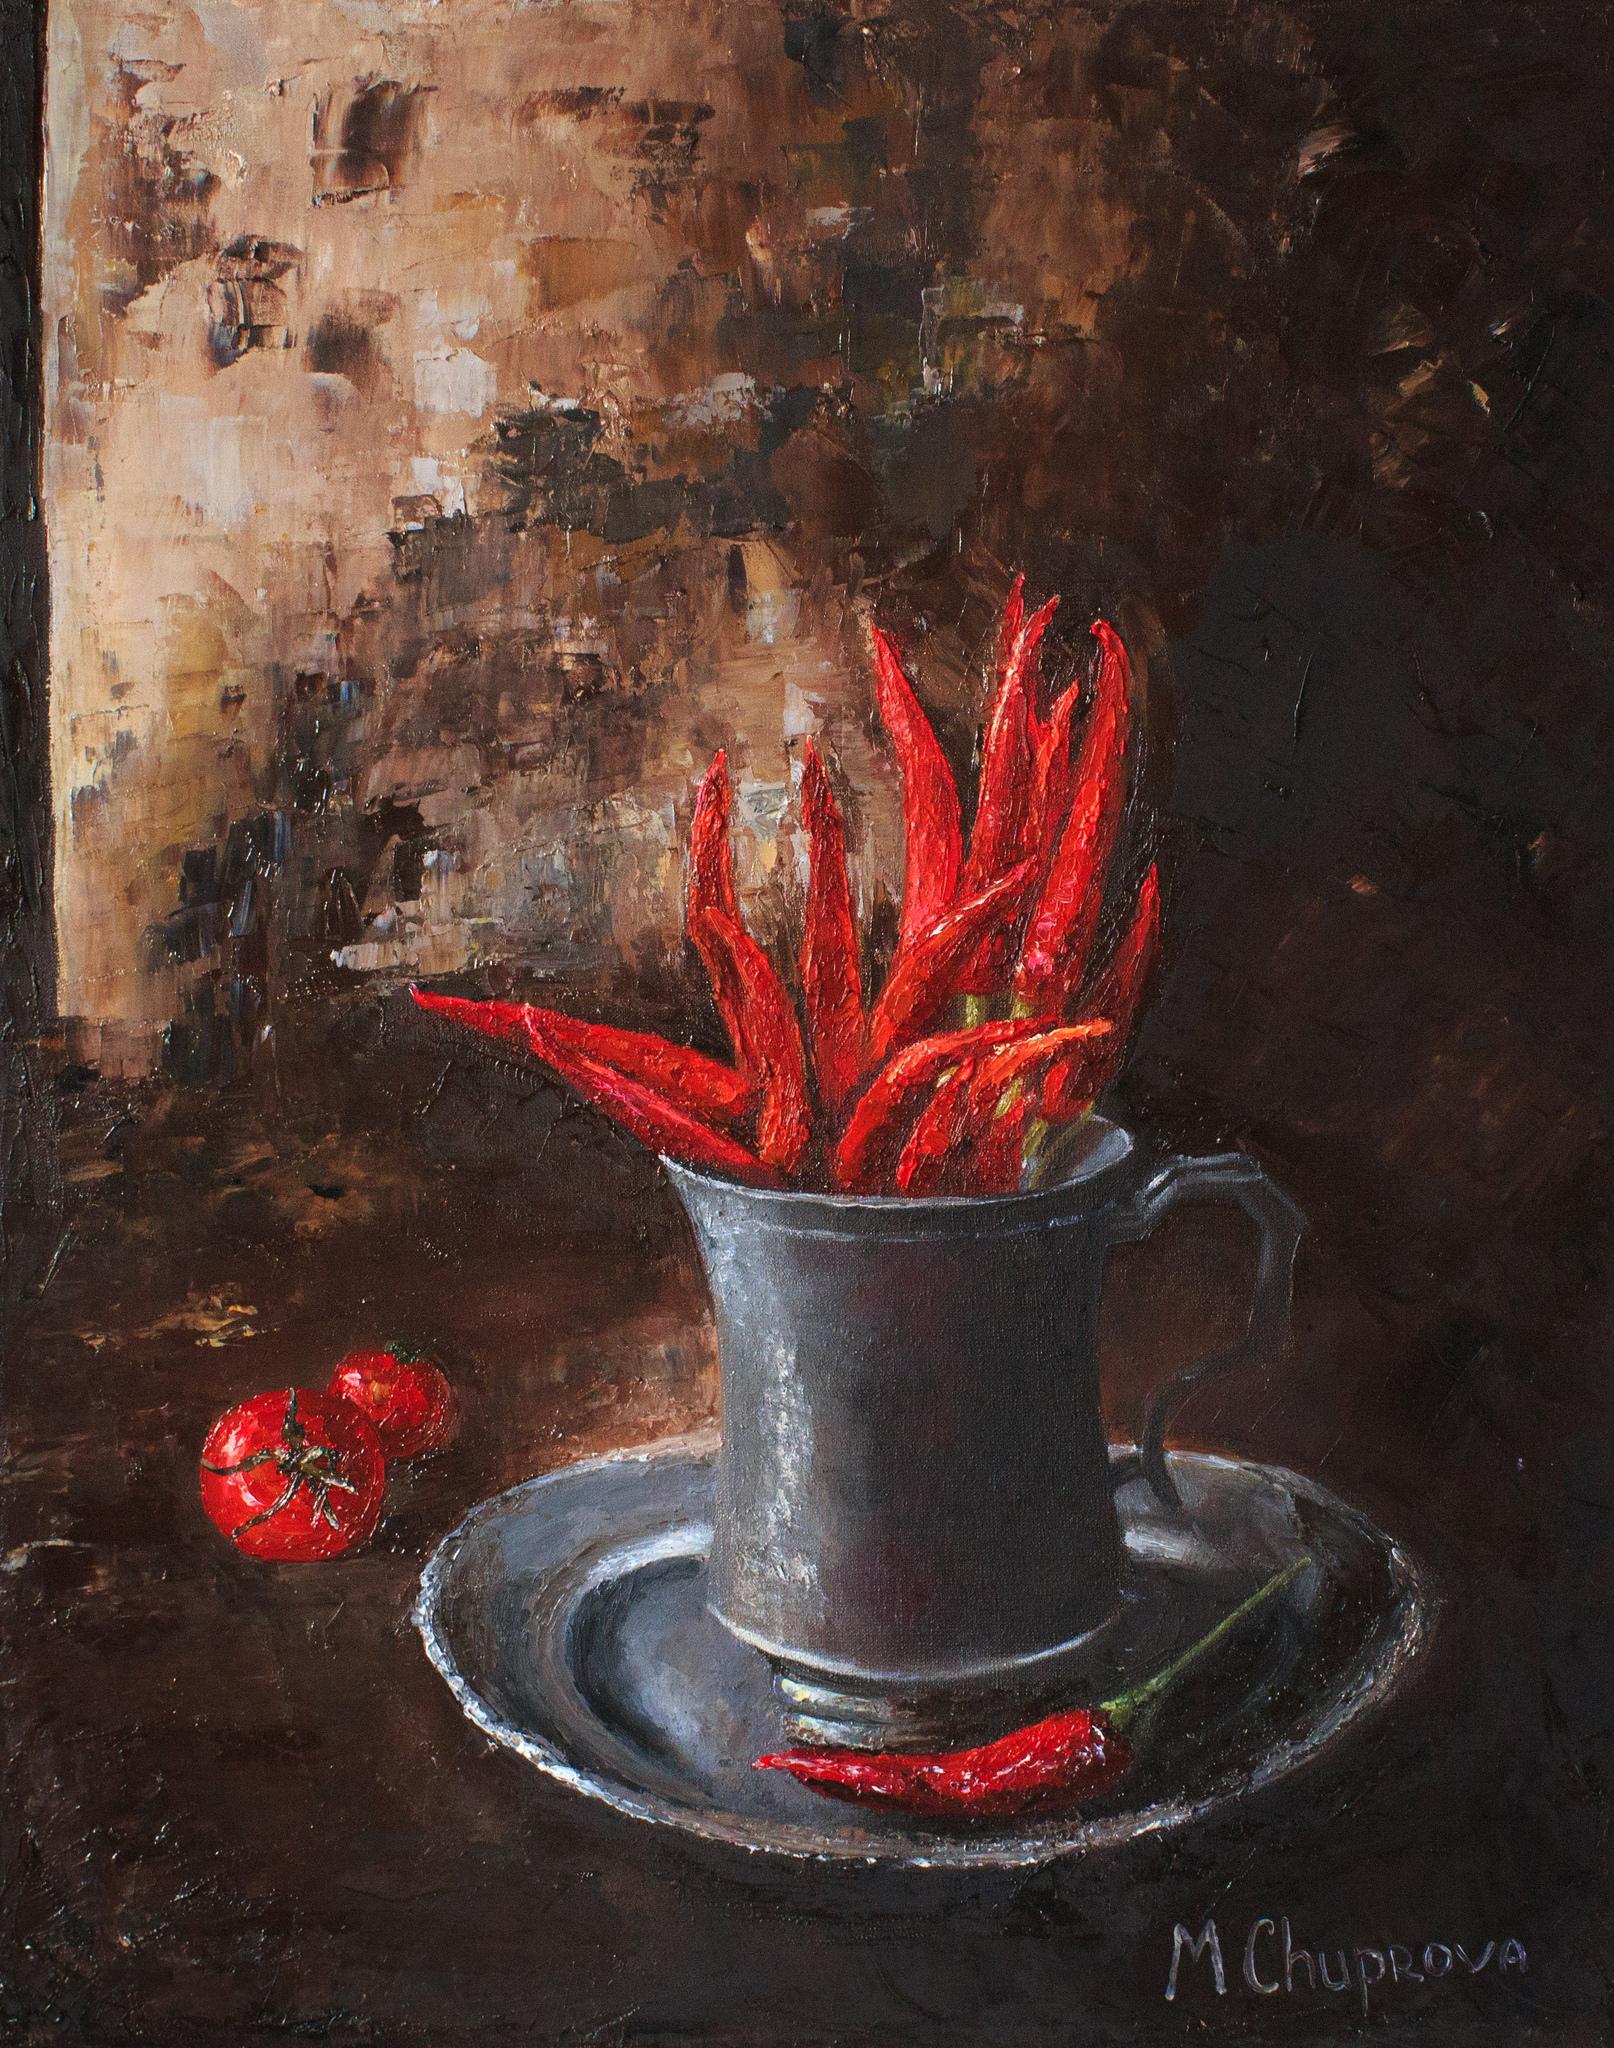 MargaritaCruzArt-Oil_painting-Still_life-tomatoes-red-pepper.jpg